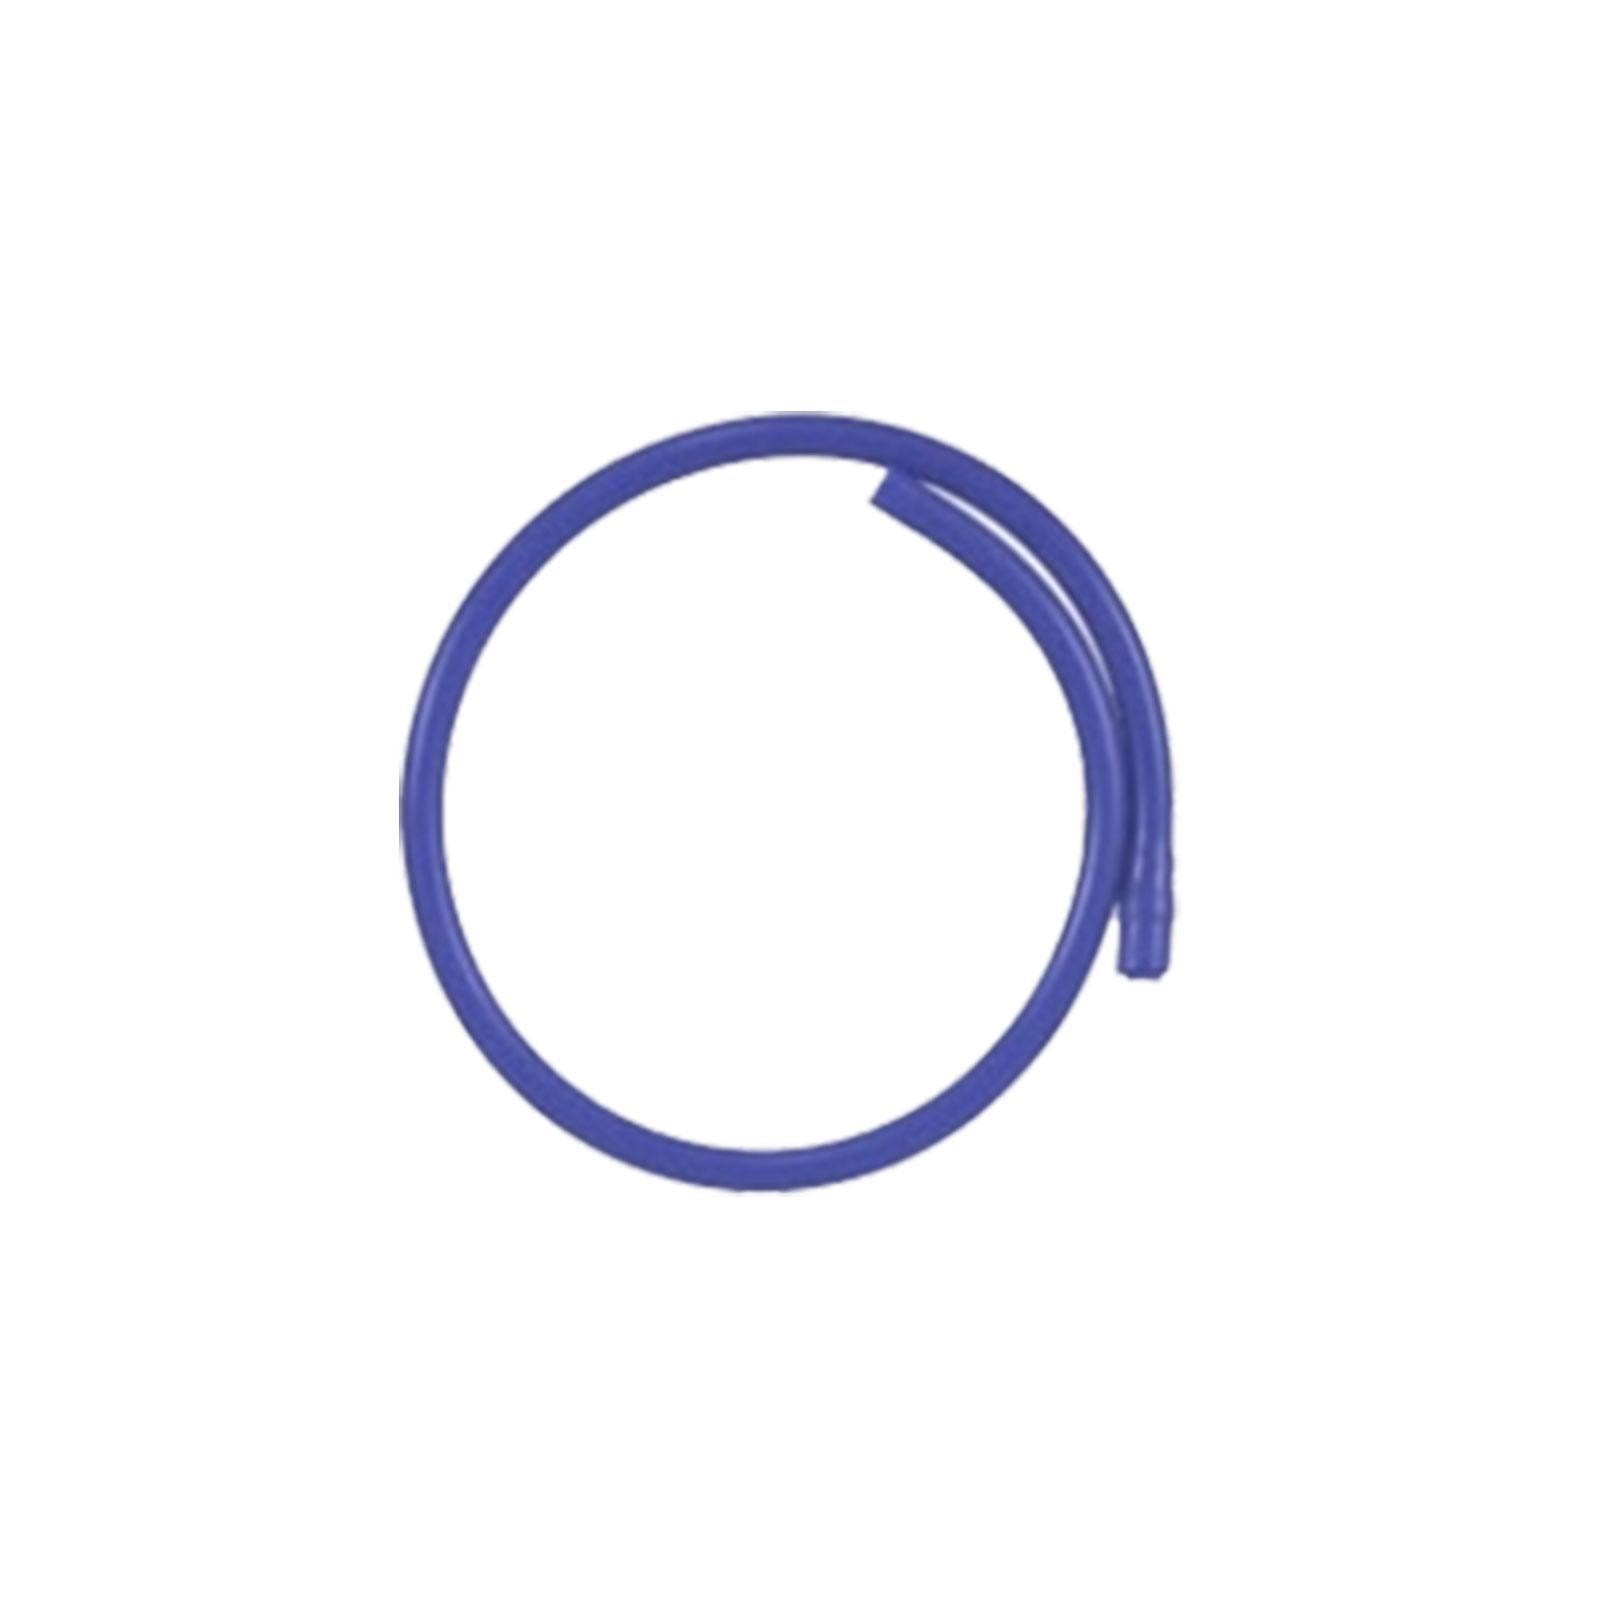 Truglo TG77SC Silicone Peep Tubing 25' Spool Blue